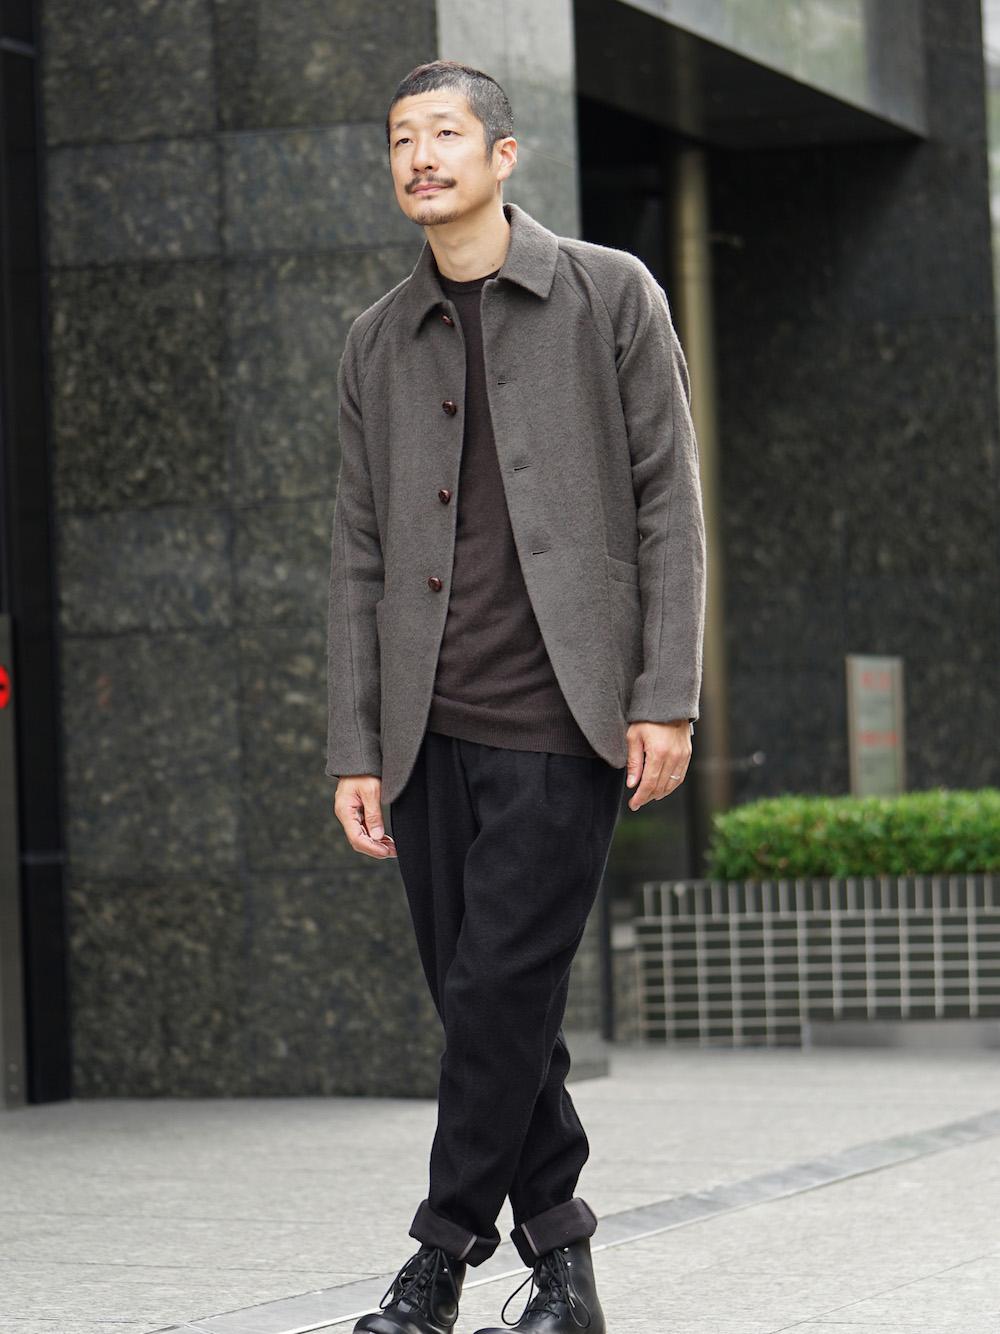 DEVOA 18-19AW Camel / Linen Coat & Jacket style FW18-19-002